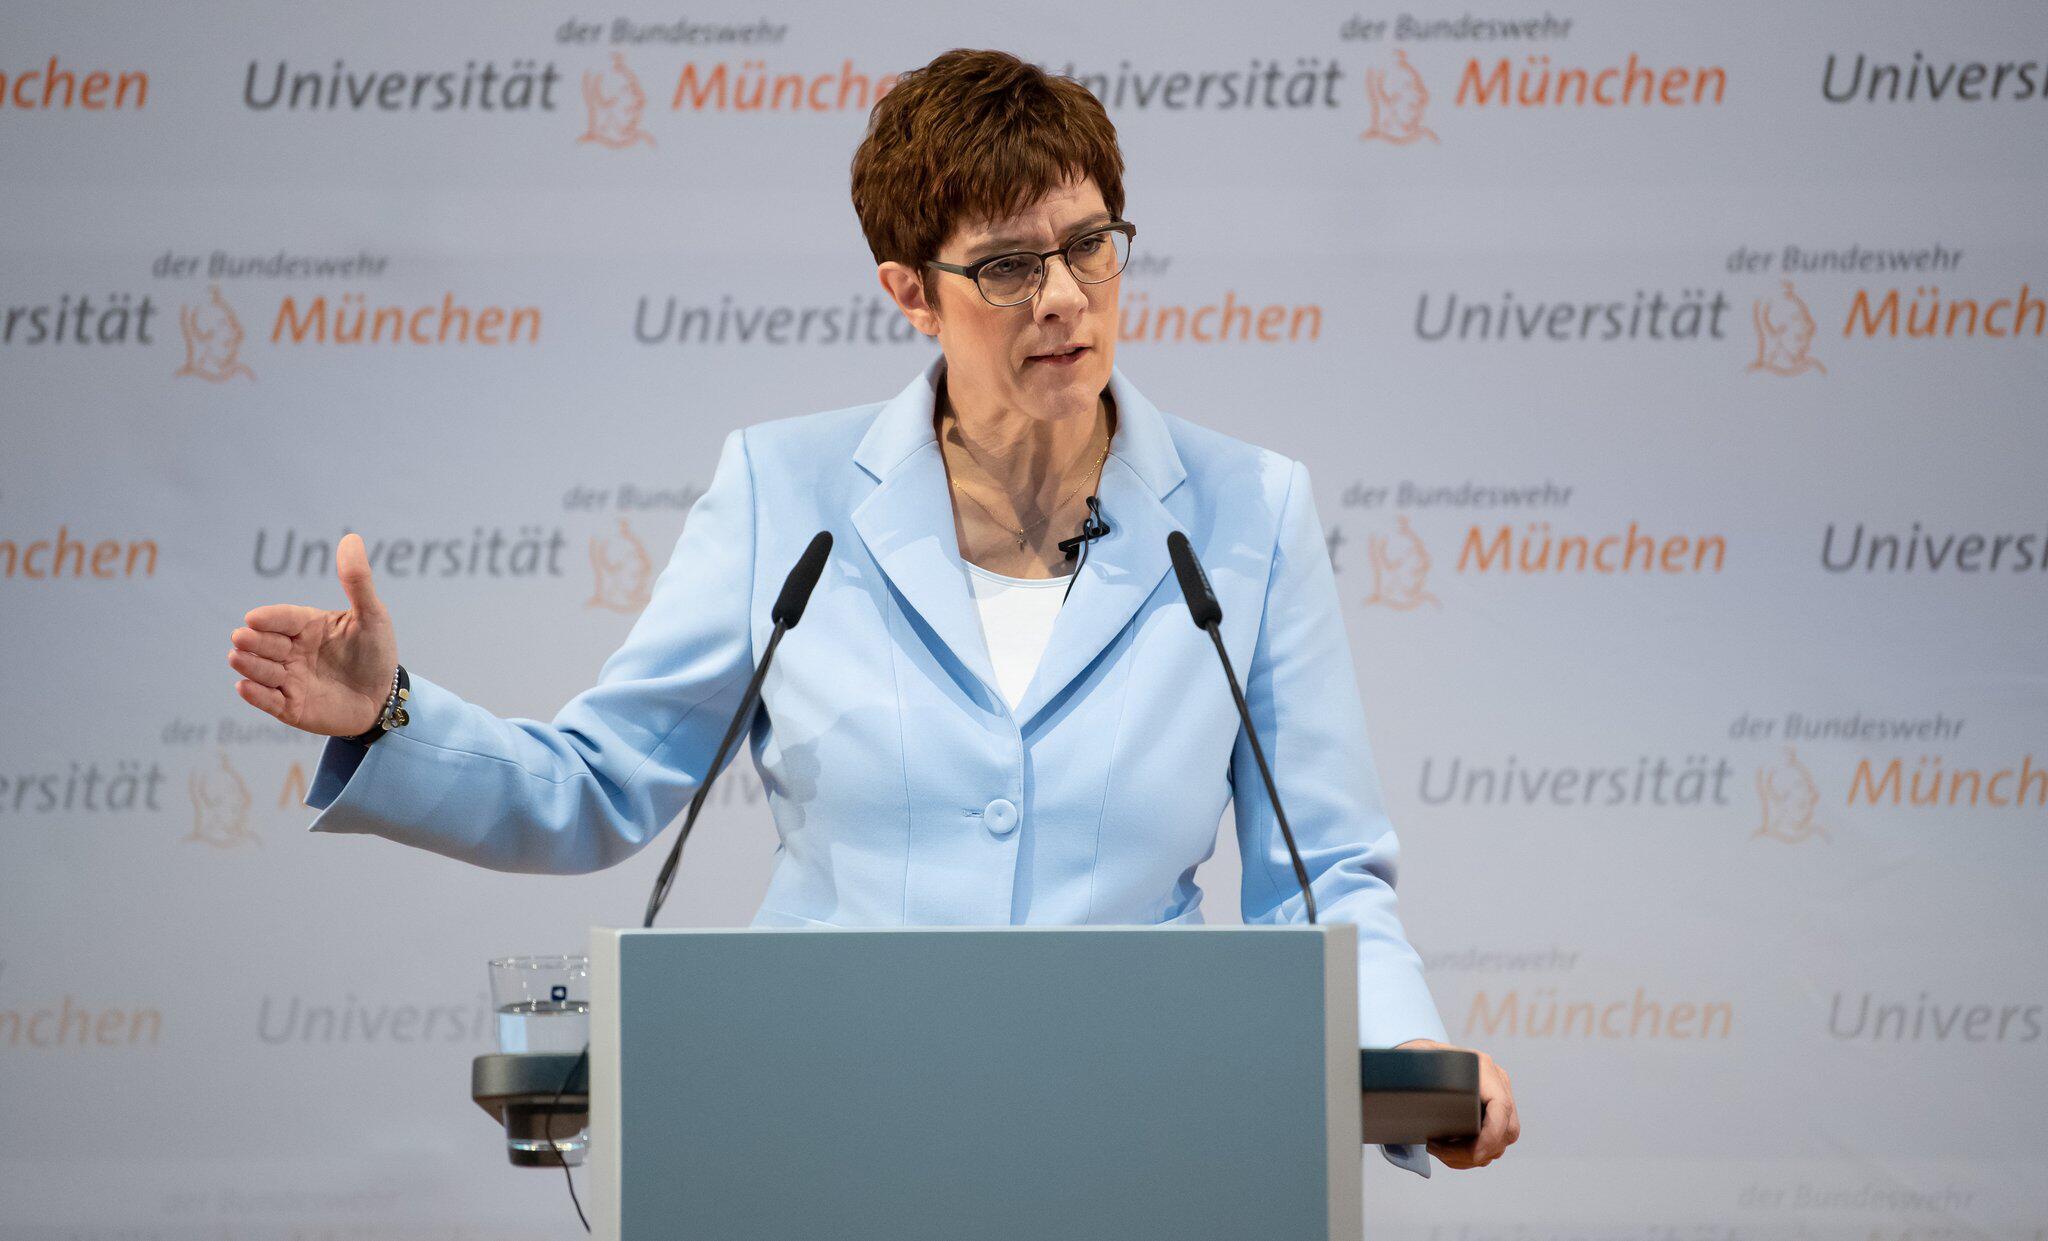 Bild zu Kramp-Karrenbauer besucht Universität der Bundeswehr